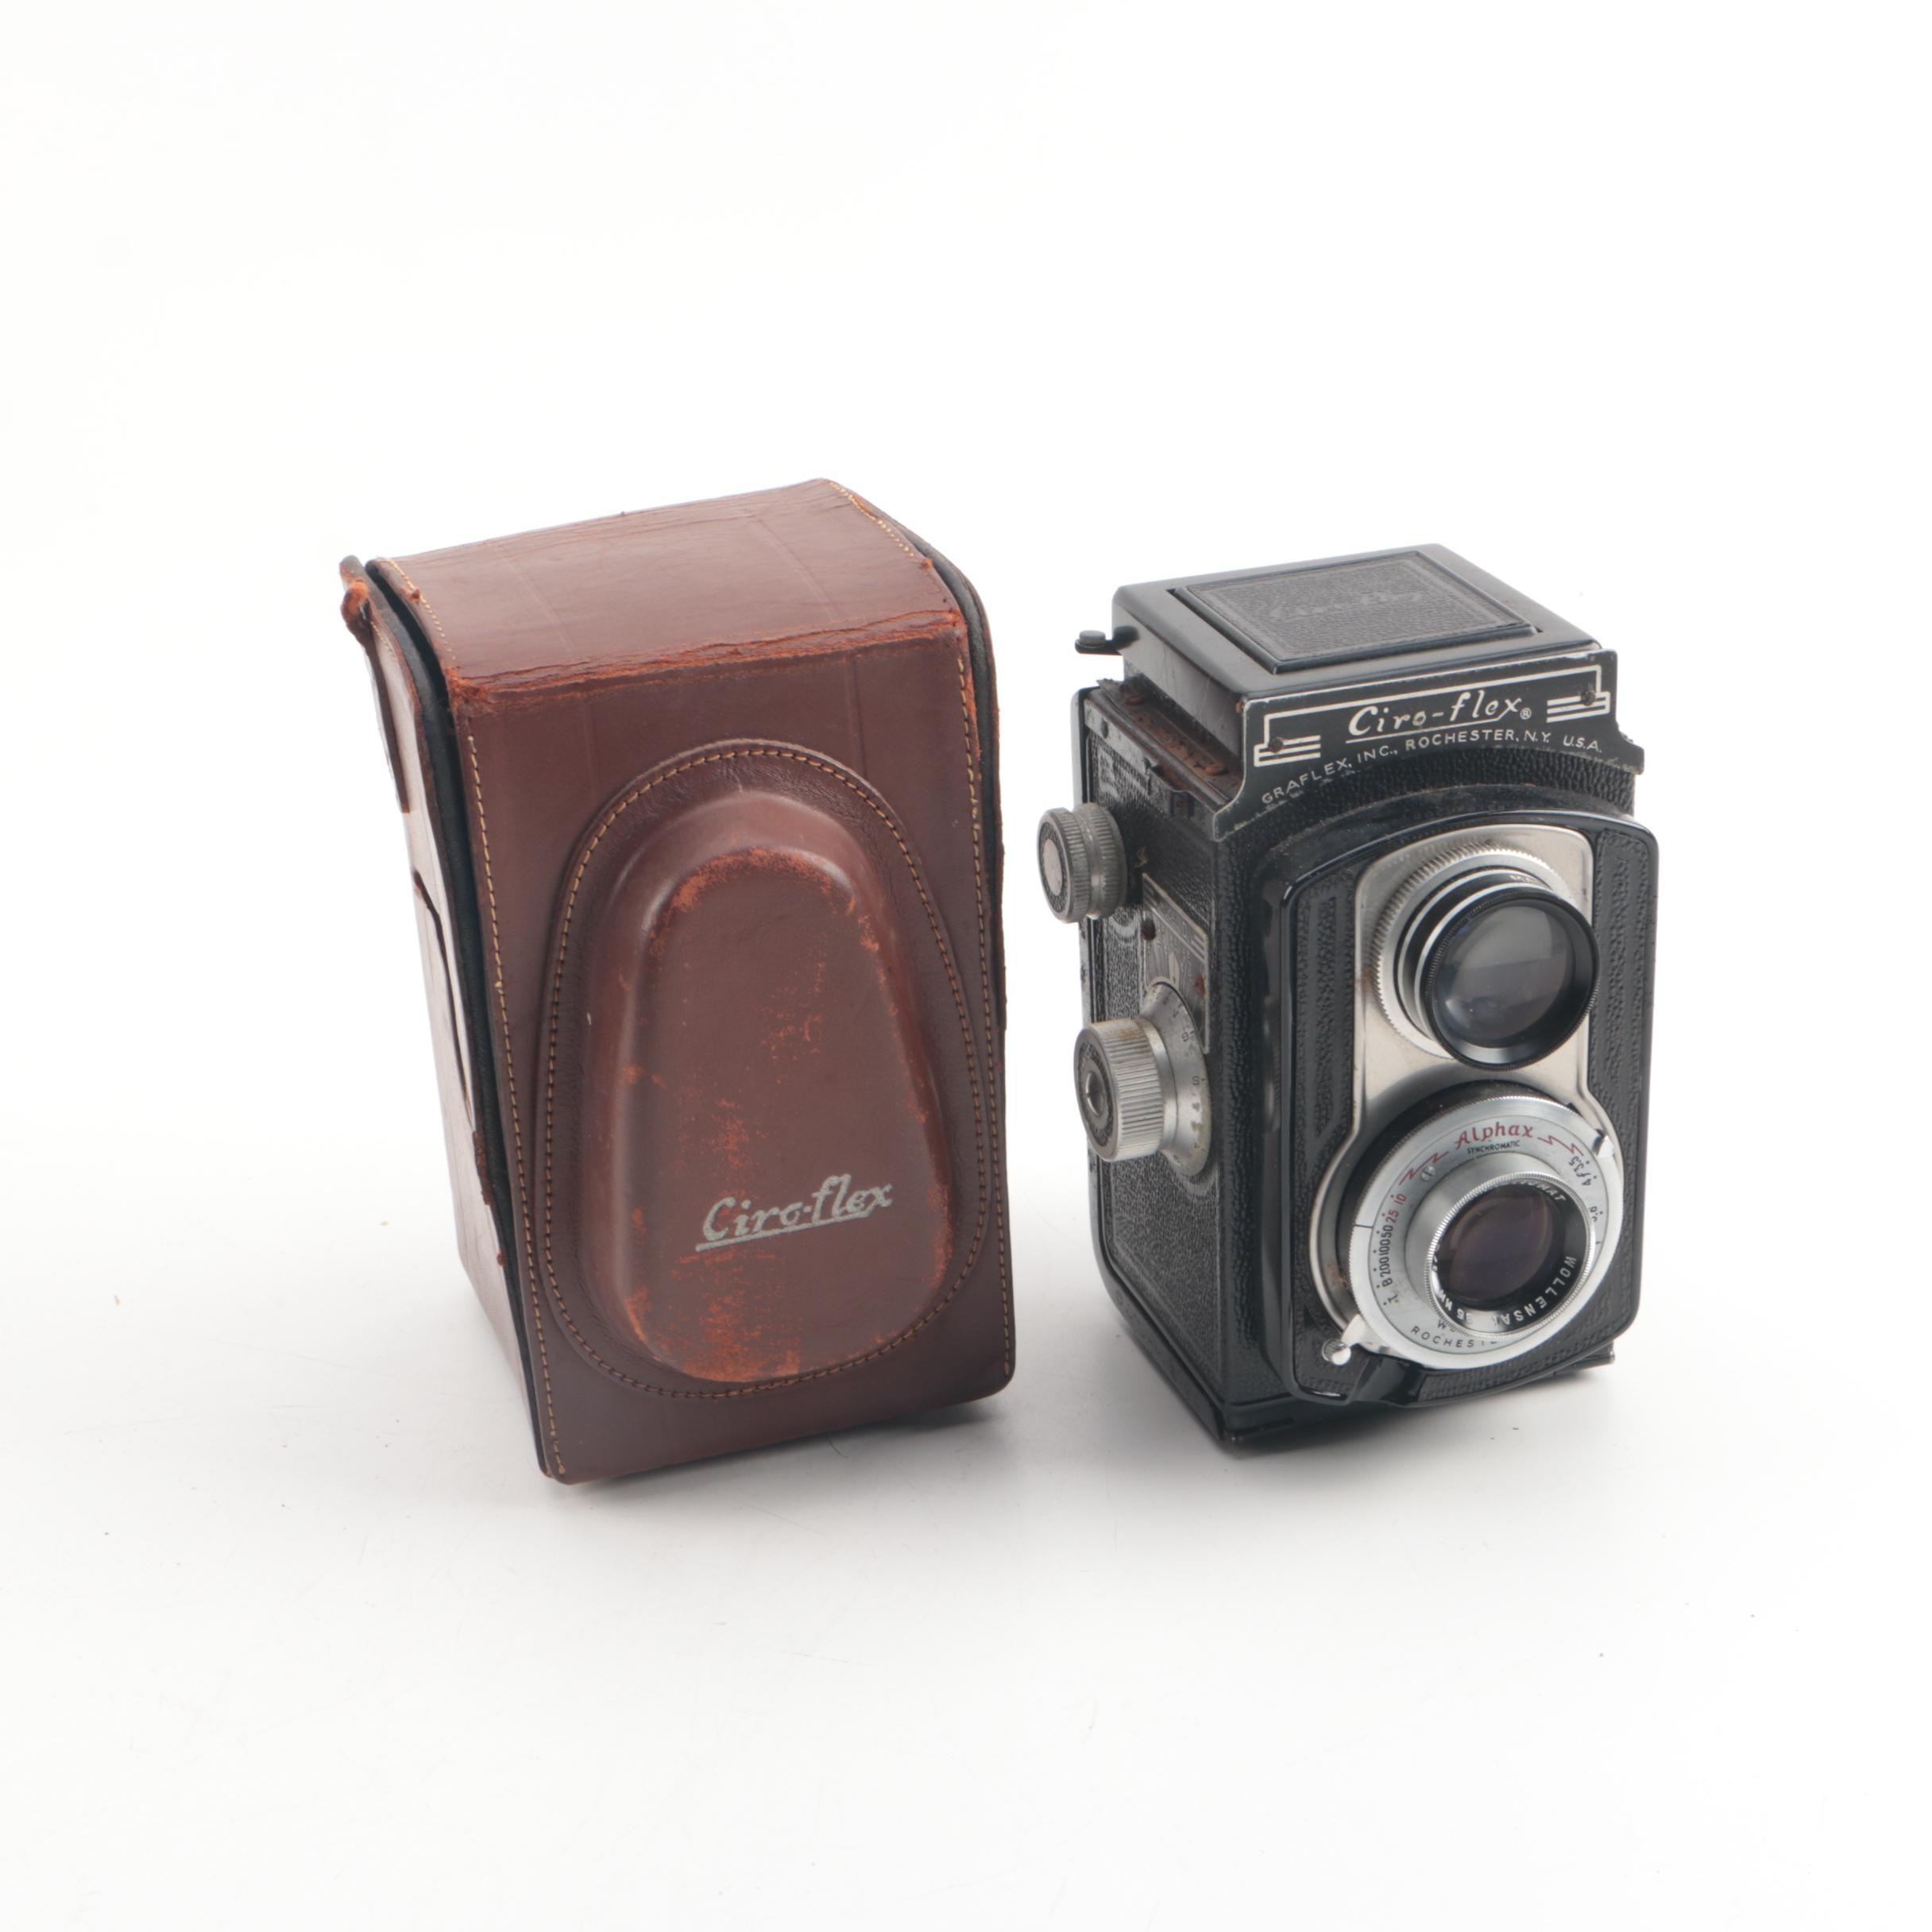 Vintage Ciro-Flex Model D Twin-Lens Reflex Camera